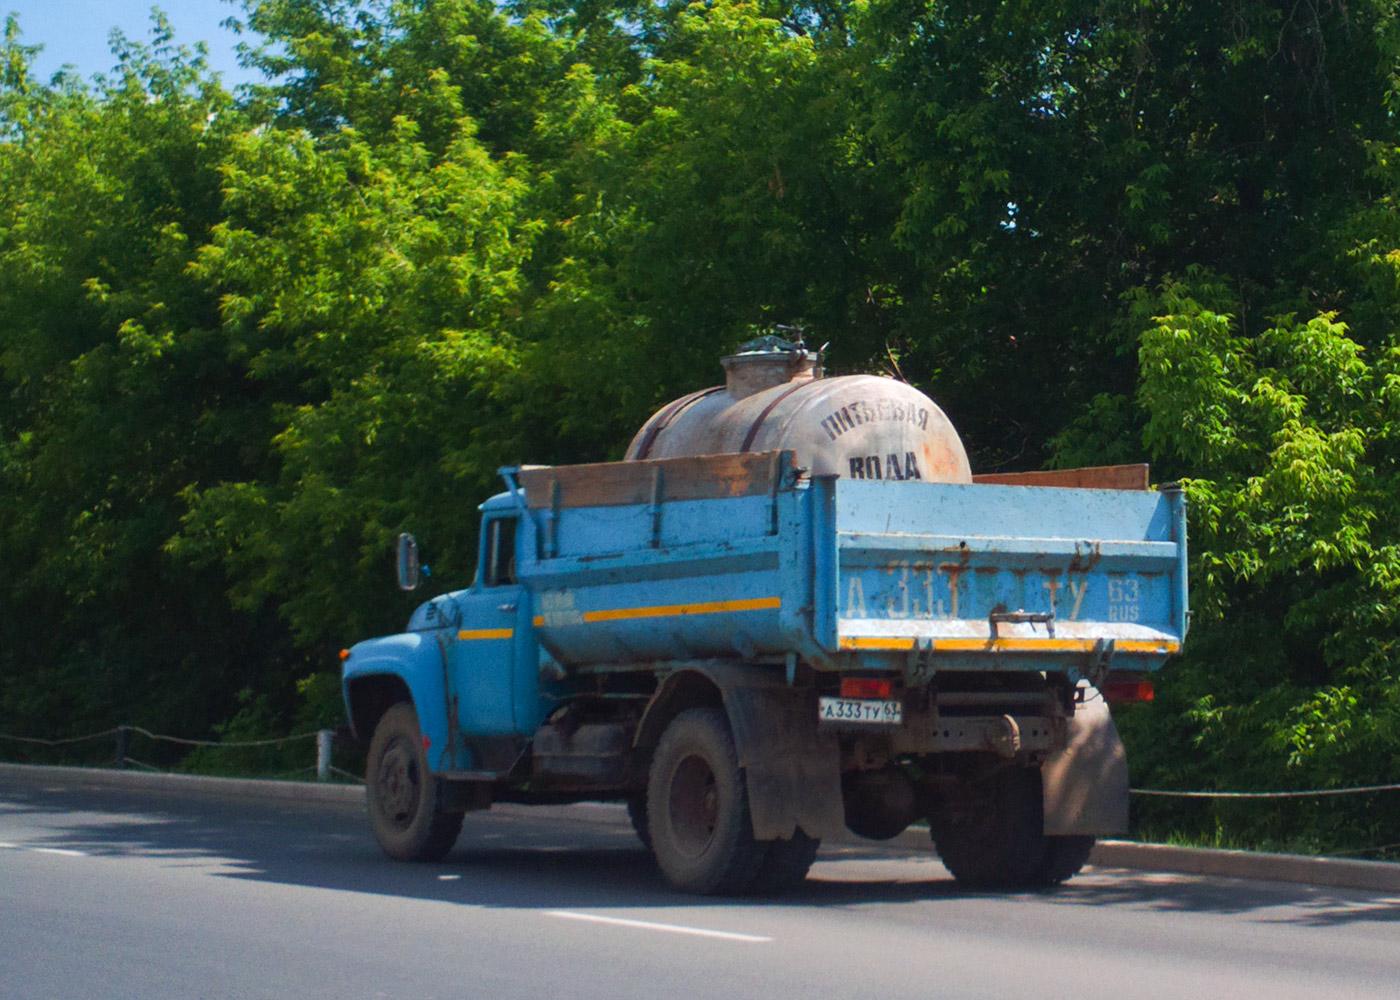 Самосвал ММЗ на шасси ЗИЛ-4314 (130) #А333ТУ63. Самарская область, Чапаевск, улица Щорса